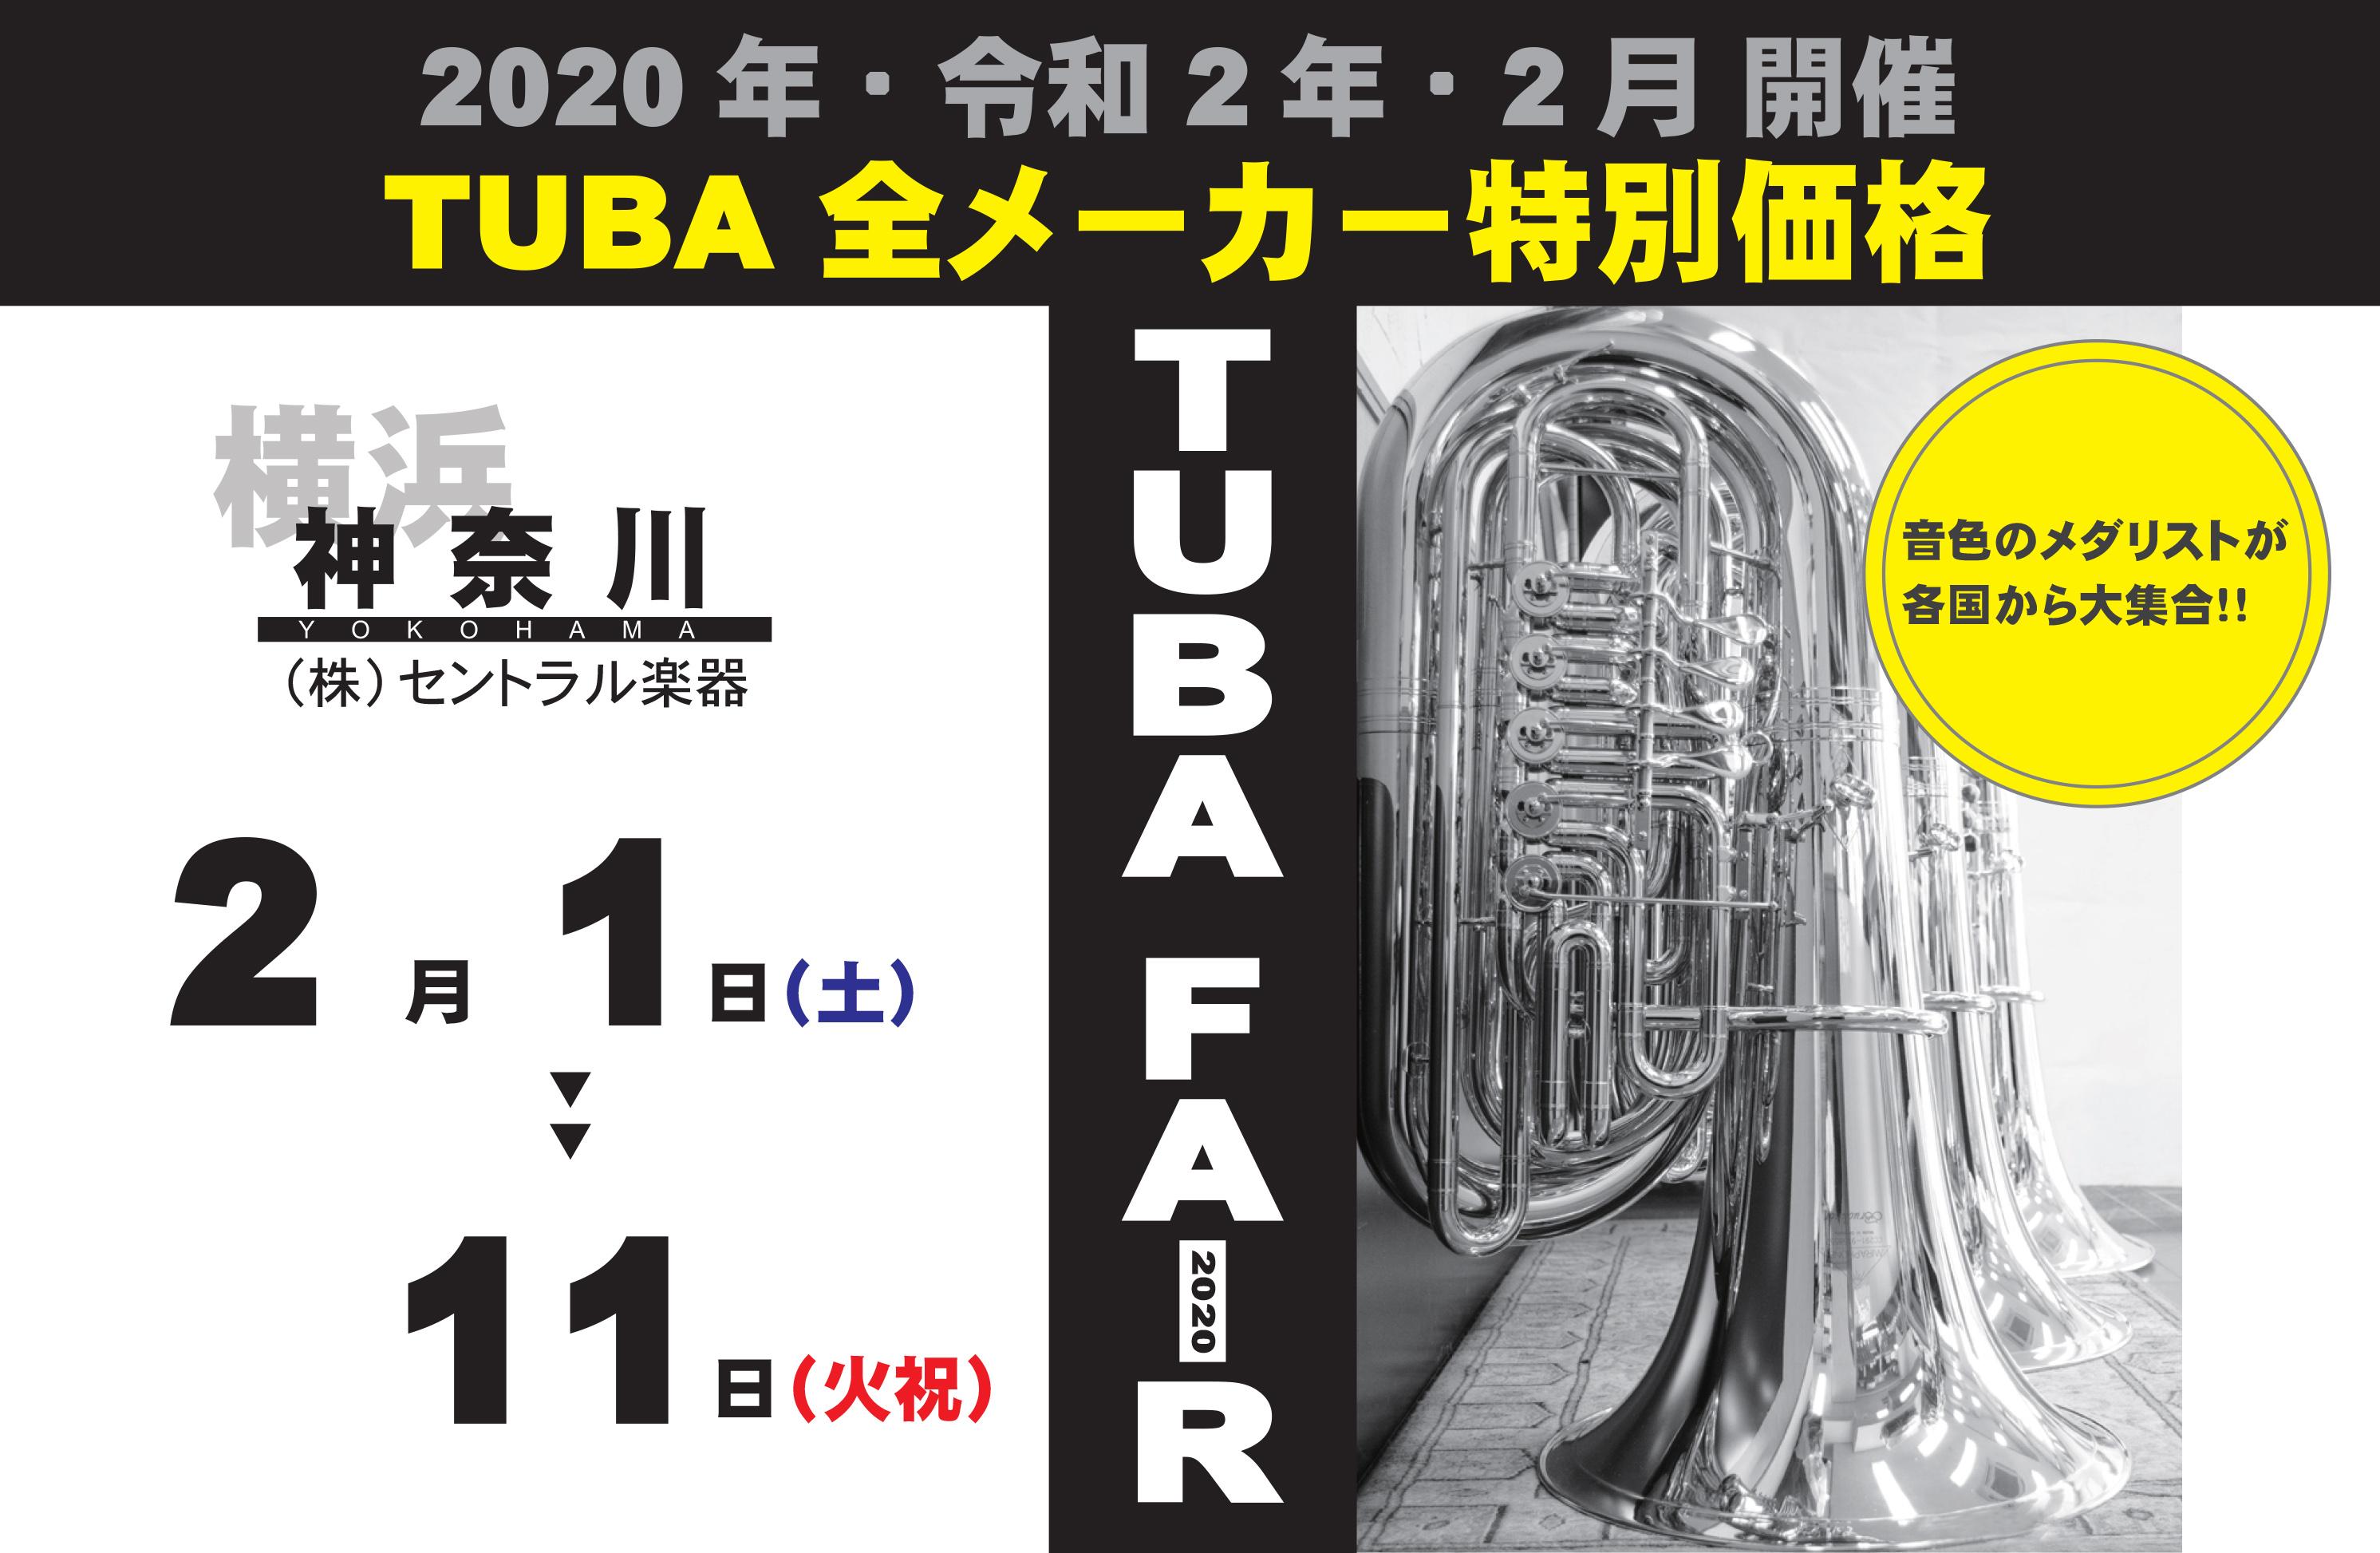 『Tuba Fair 2020』